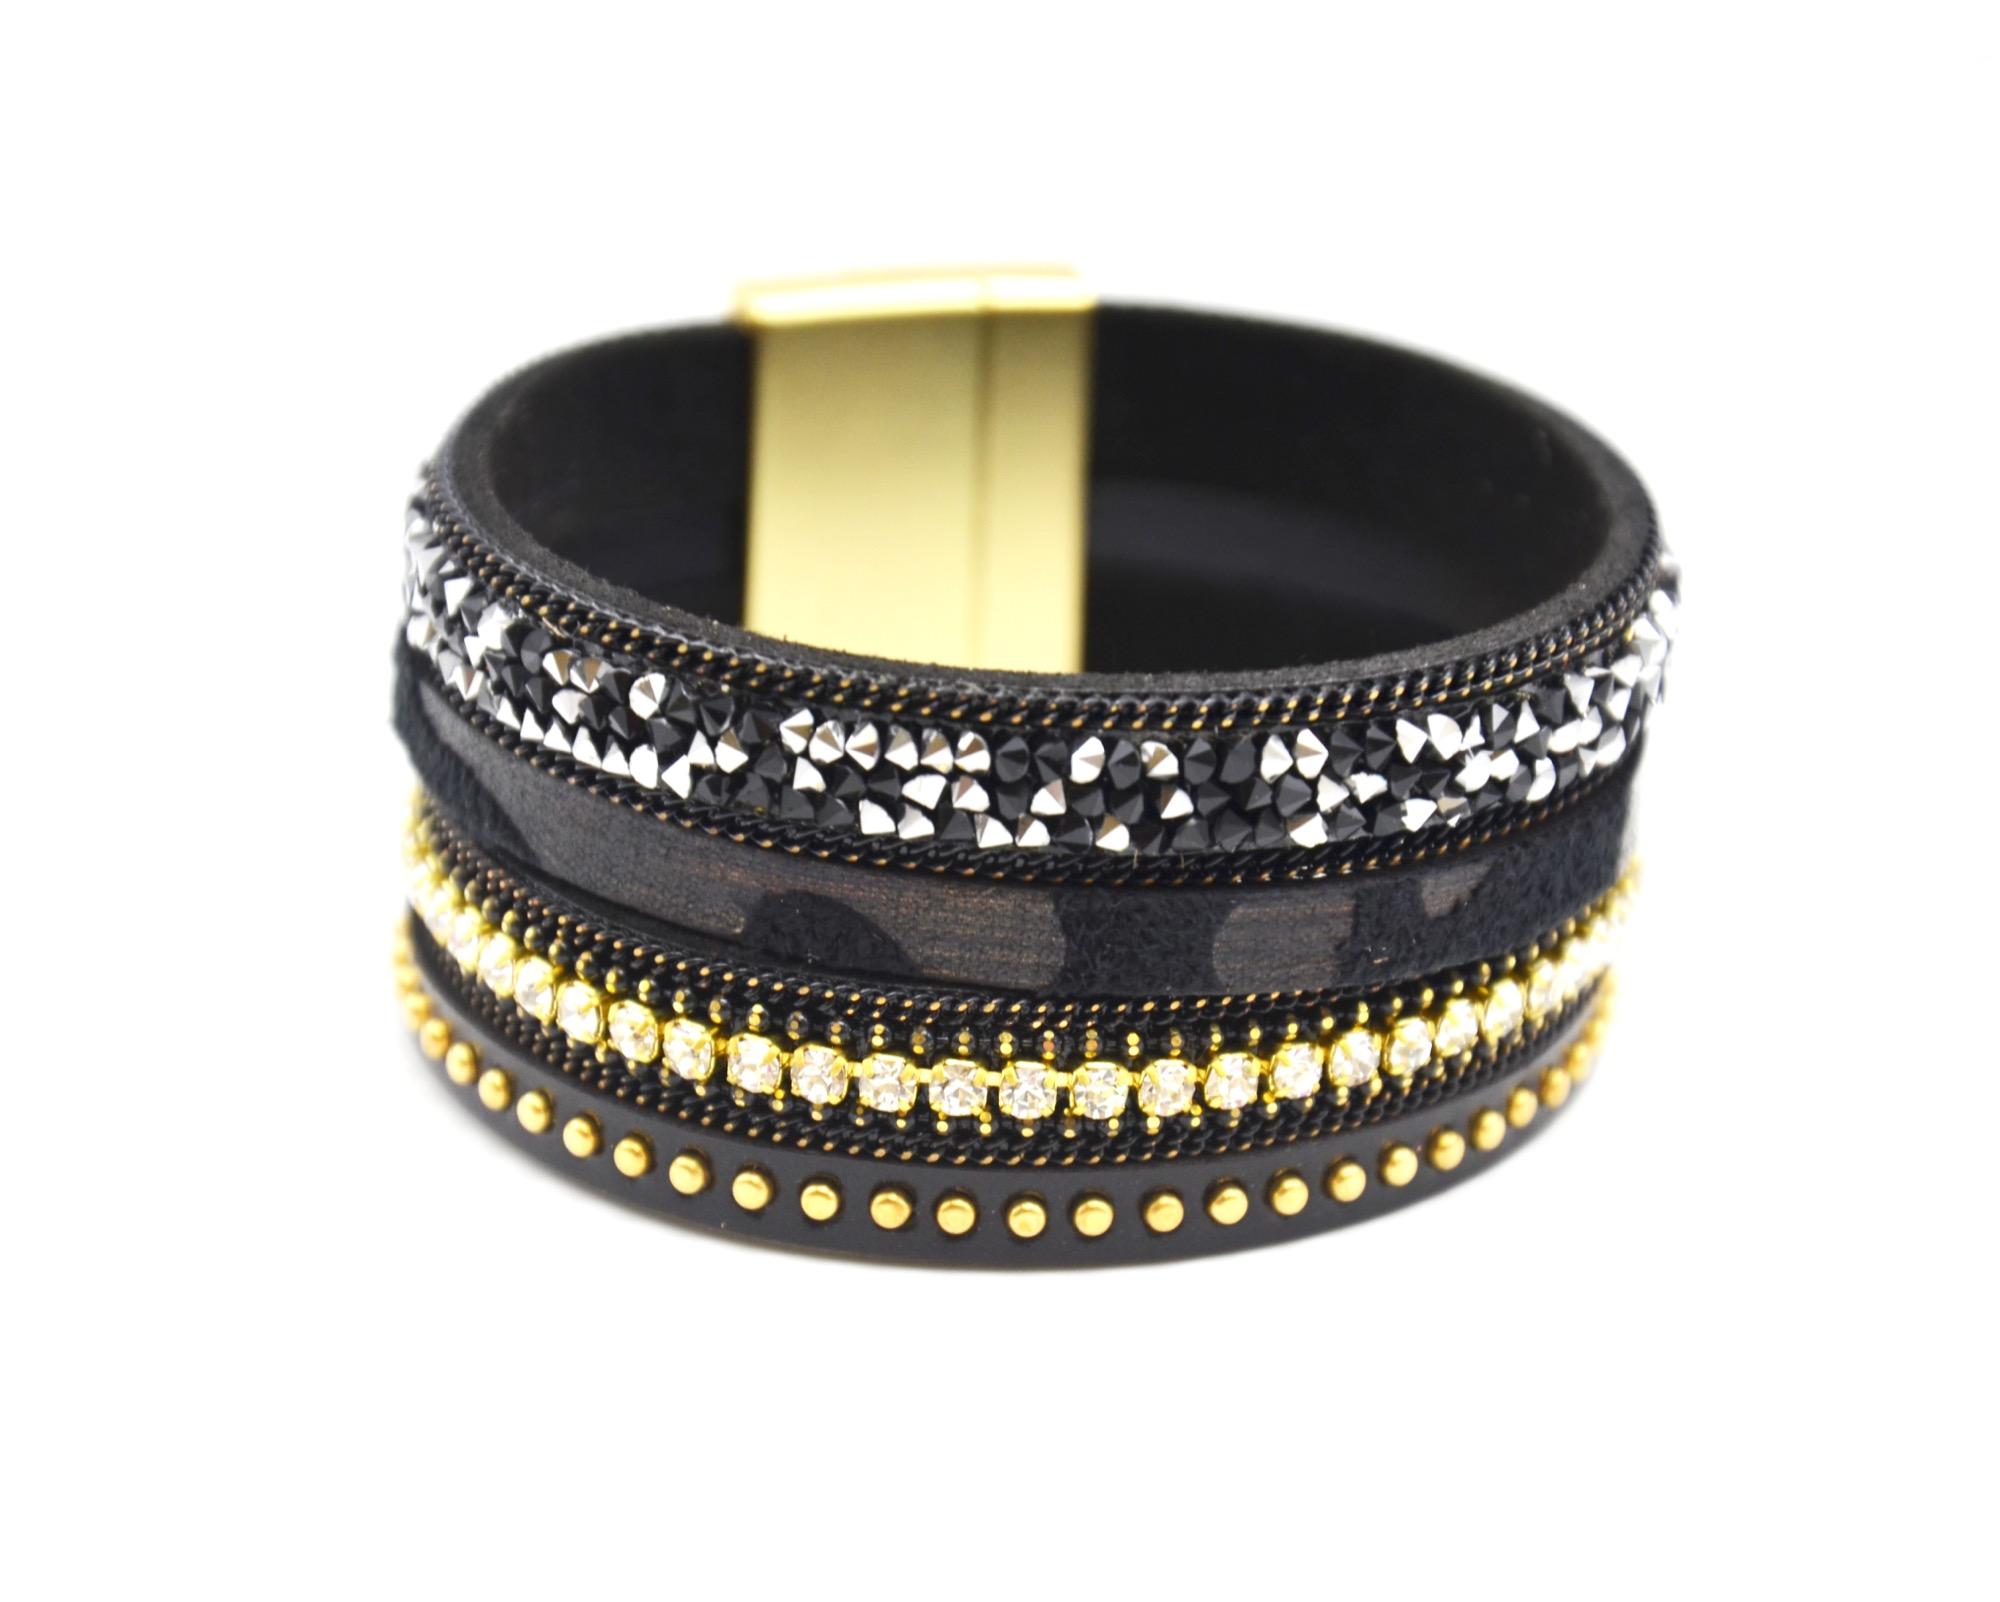 7b6d455a30b97 BC1867E – Bracelet Manchette Clous Brillants Chaînes Bande Simili Cuir Noir  et Strass – Mode Fantaisie